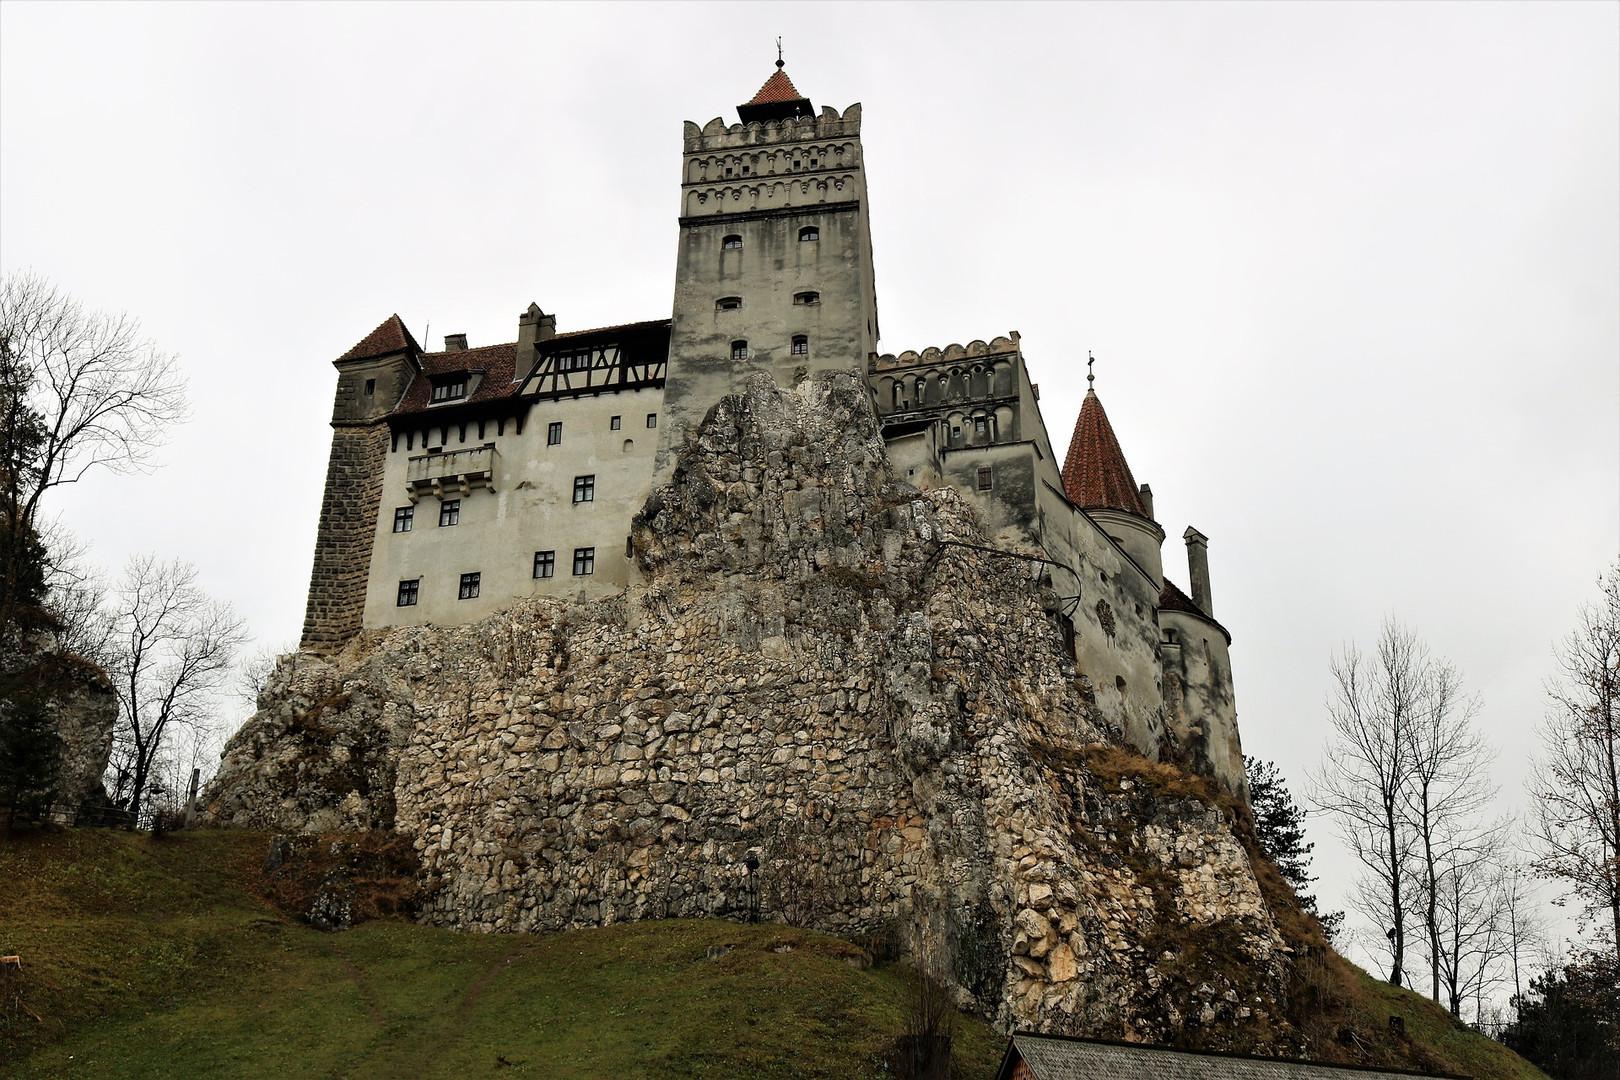 castelul-bran-3878435_1920.jpg